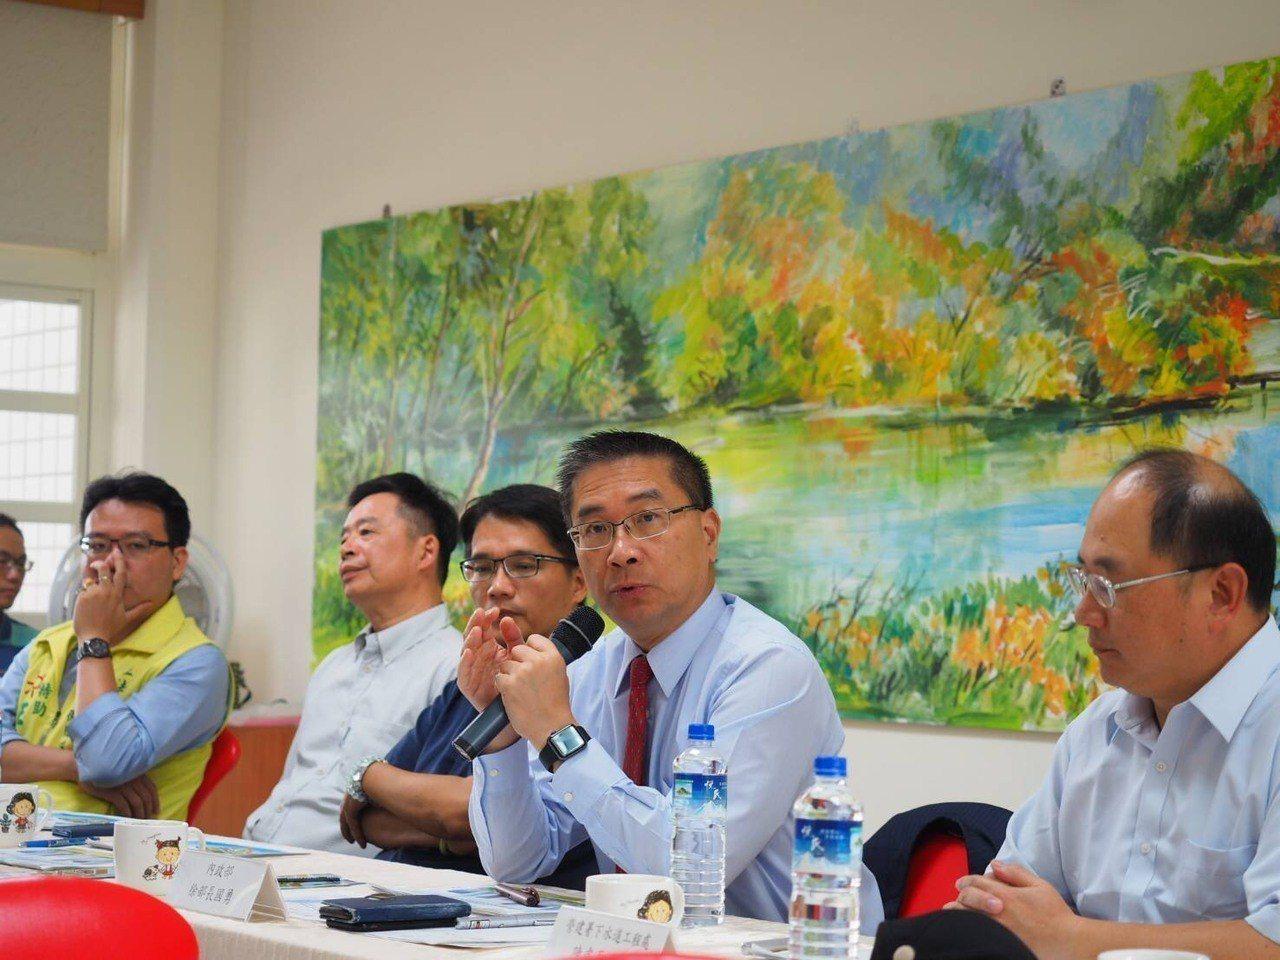 內政部長徐國勇今天赴自強國中聽取營建署下水道工程處簡報。記者張曼蘋/攝影